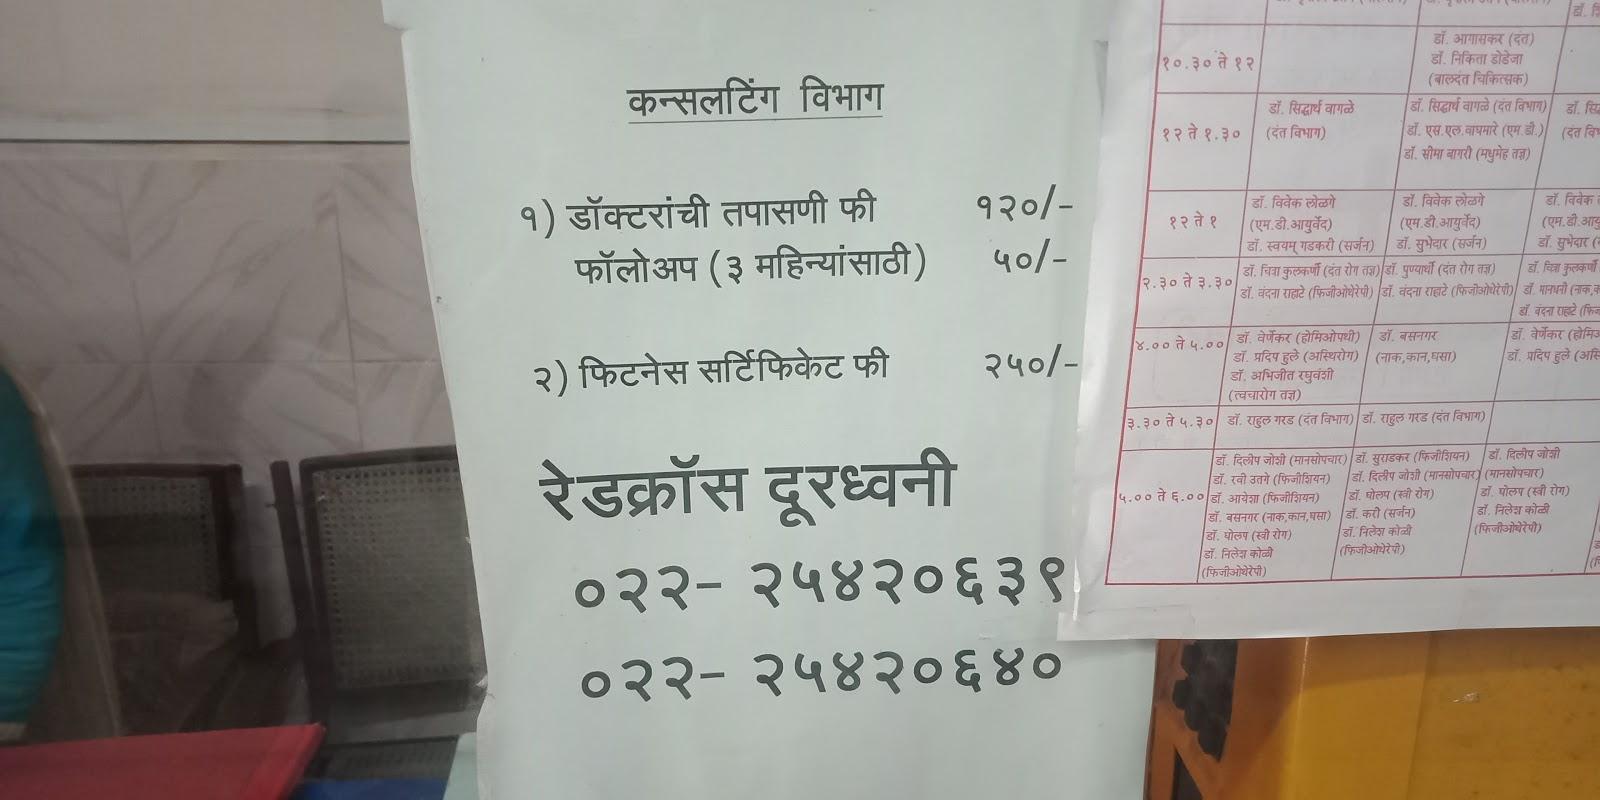 blood bank Indian Red Cross Society near Thane Maharashtra